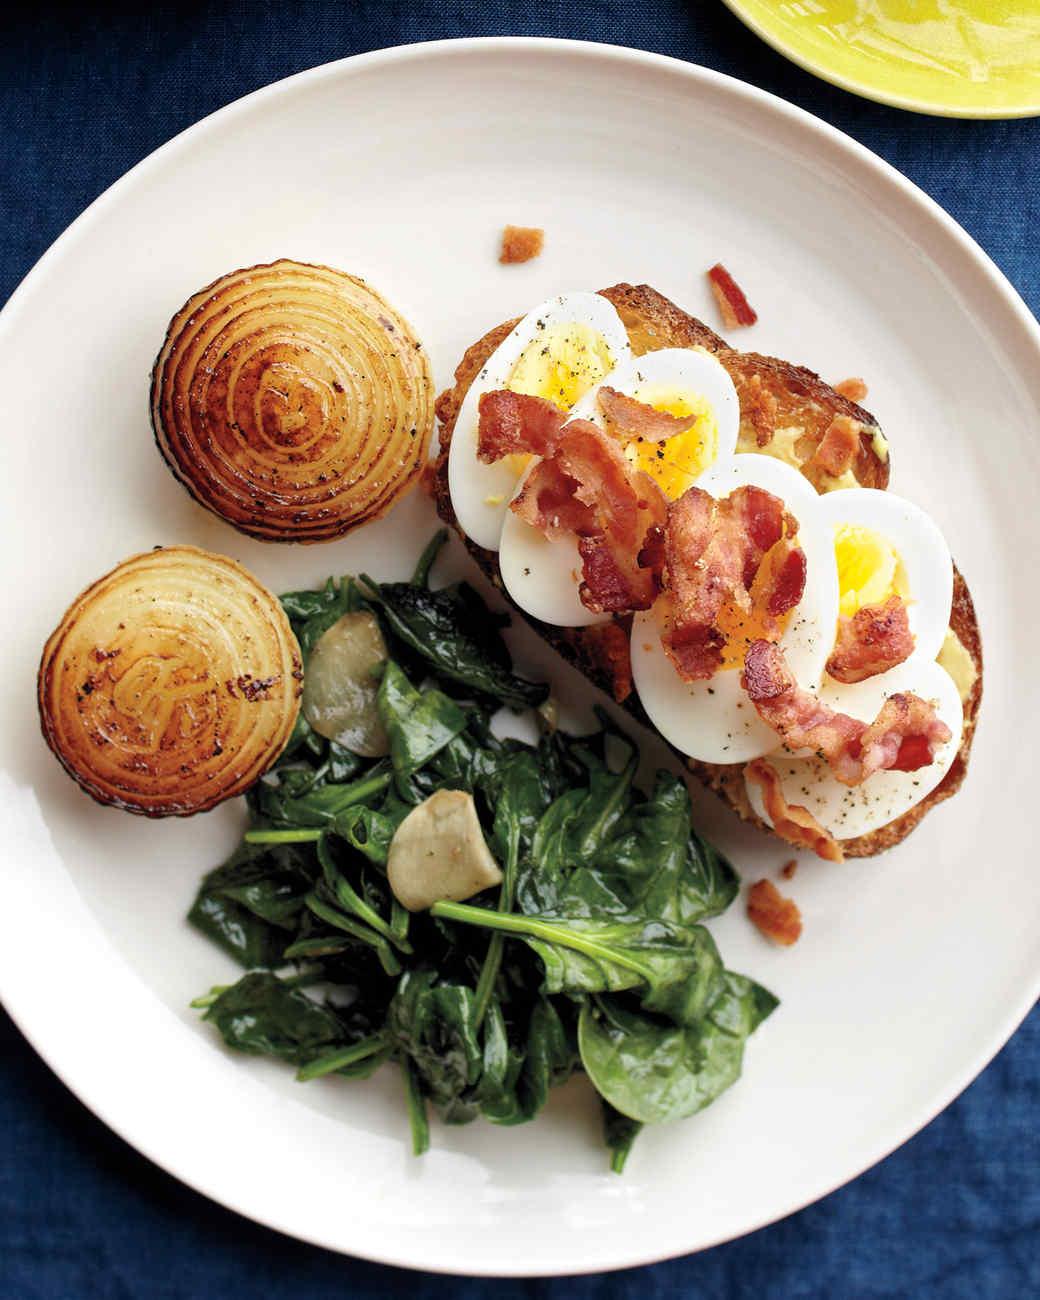 med106560_0311_bag_egg_bacon_toast.jpg